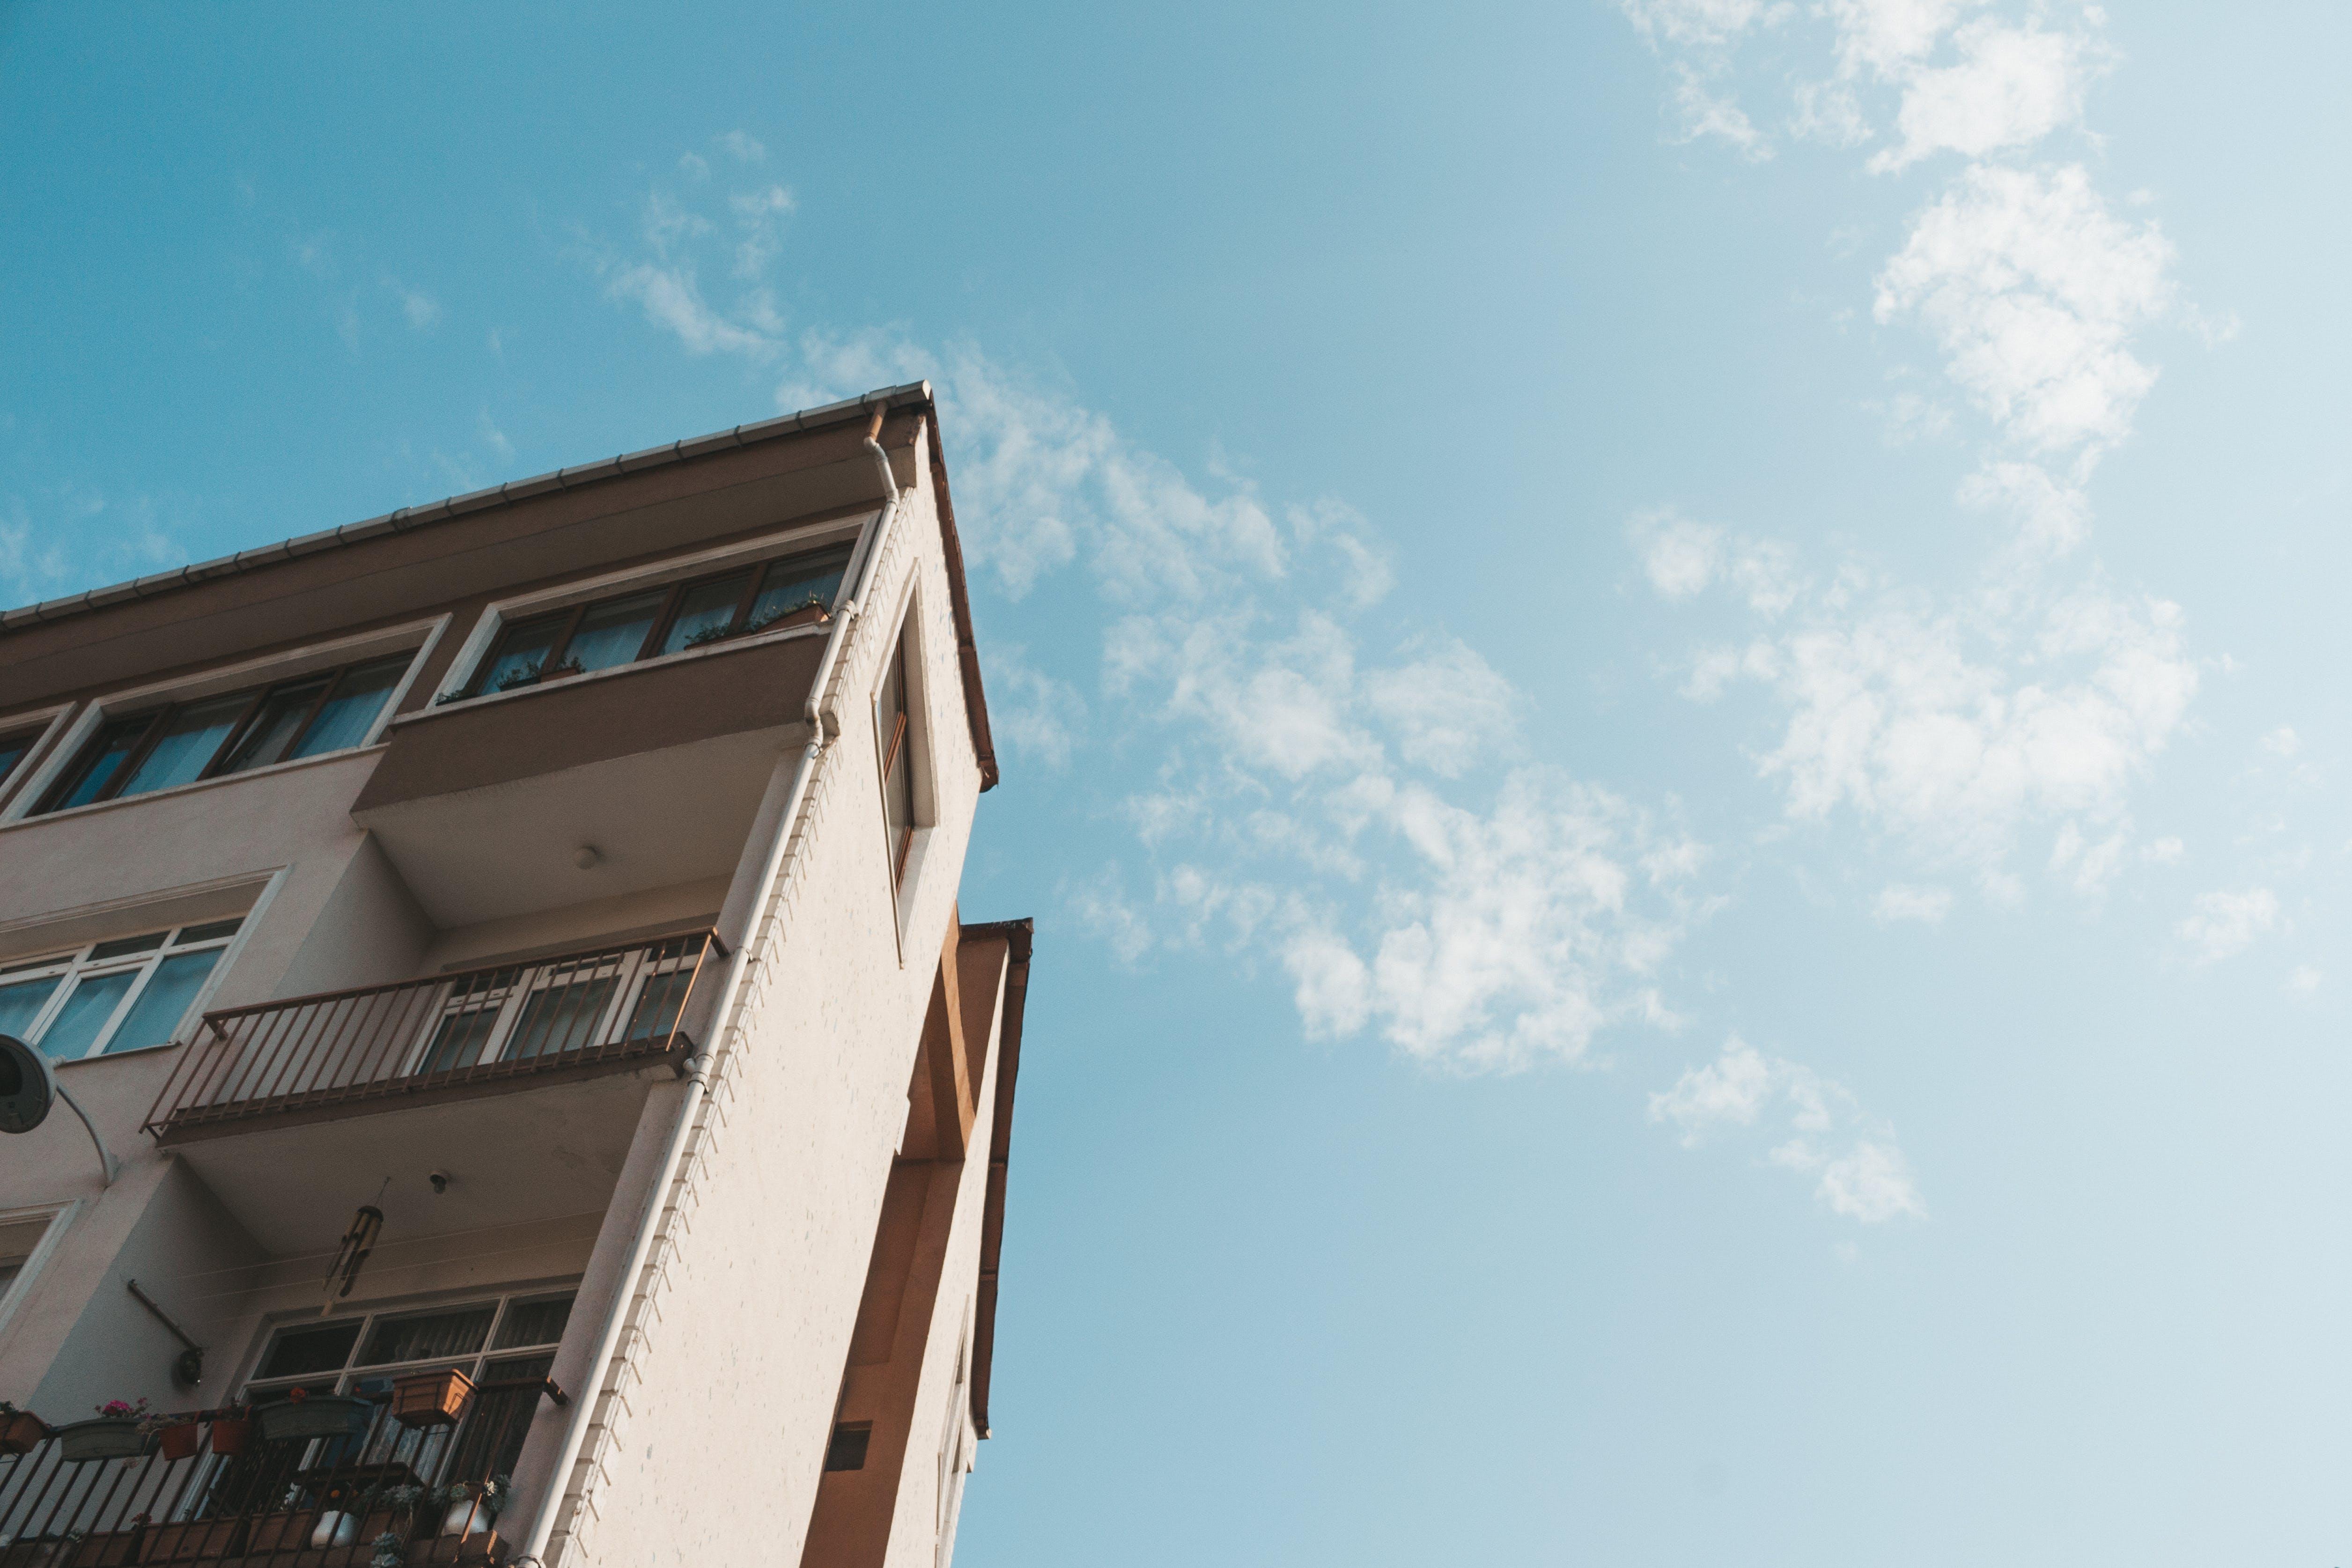 Foto profissional grátis de alto, arquitetura, arquitetura contemporânea, centro da cidade